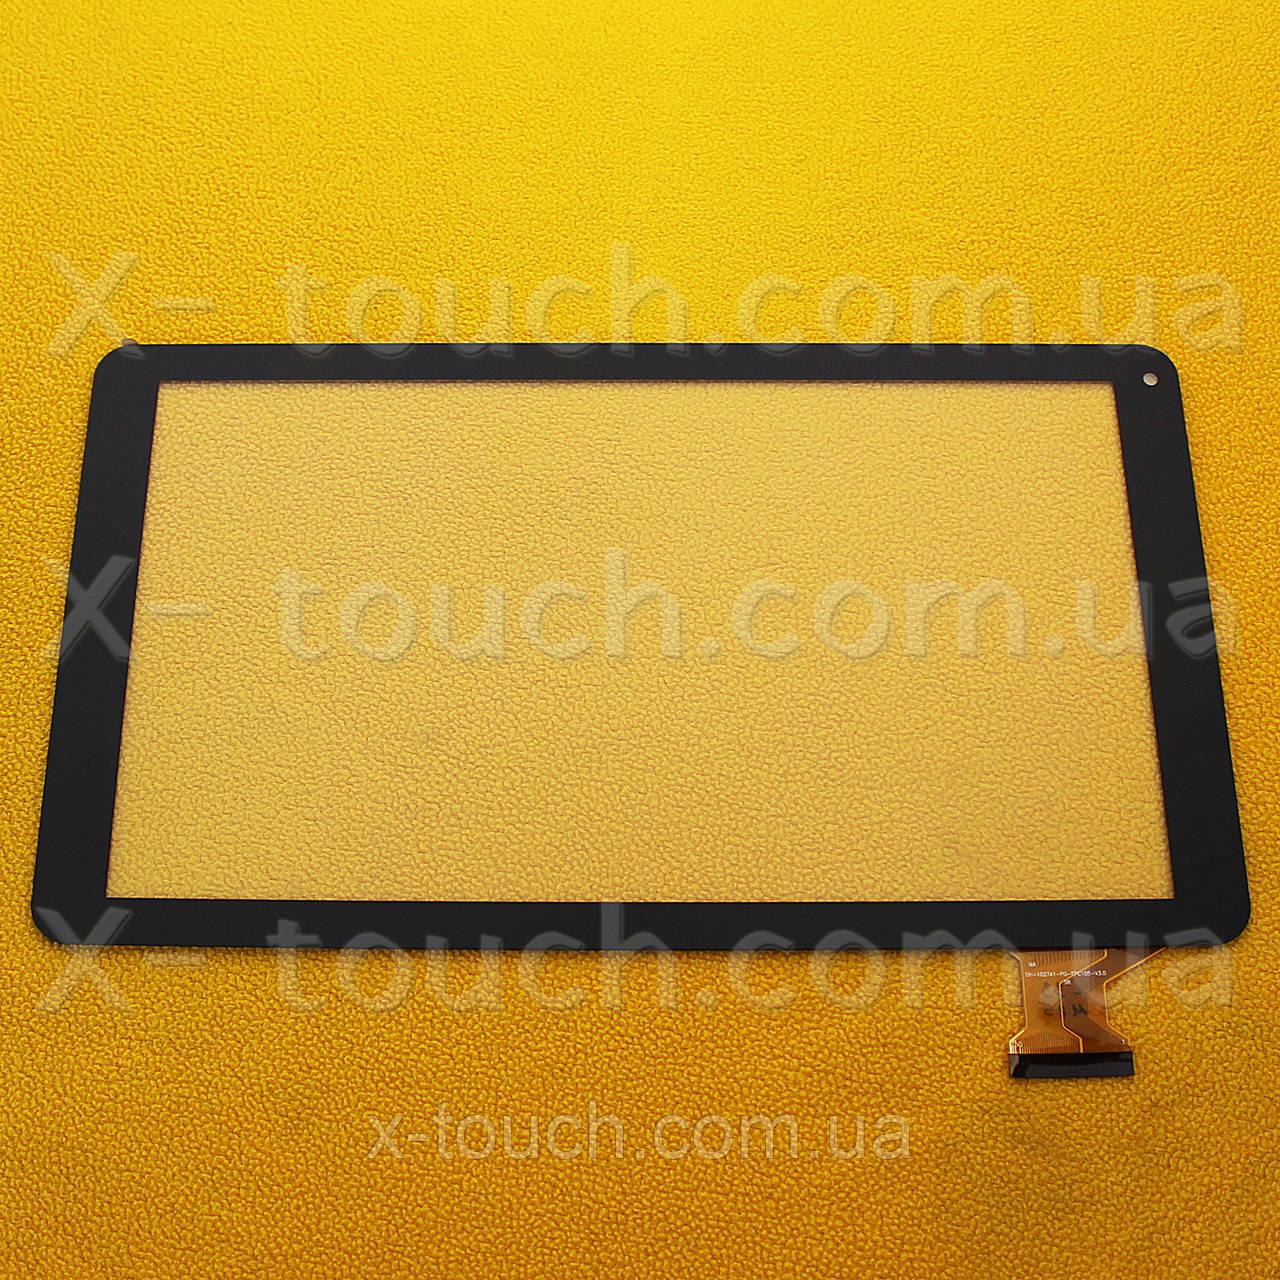 Тачскрин, сенсор  ZP9194-101 для планшета, черный